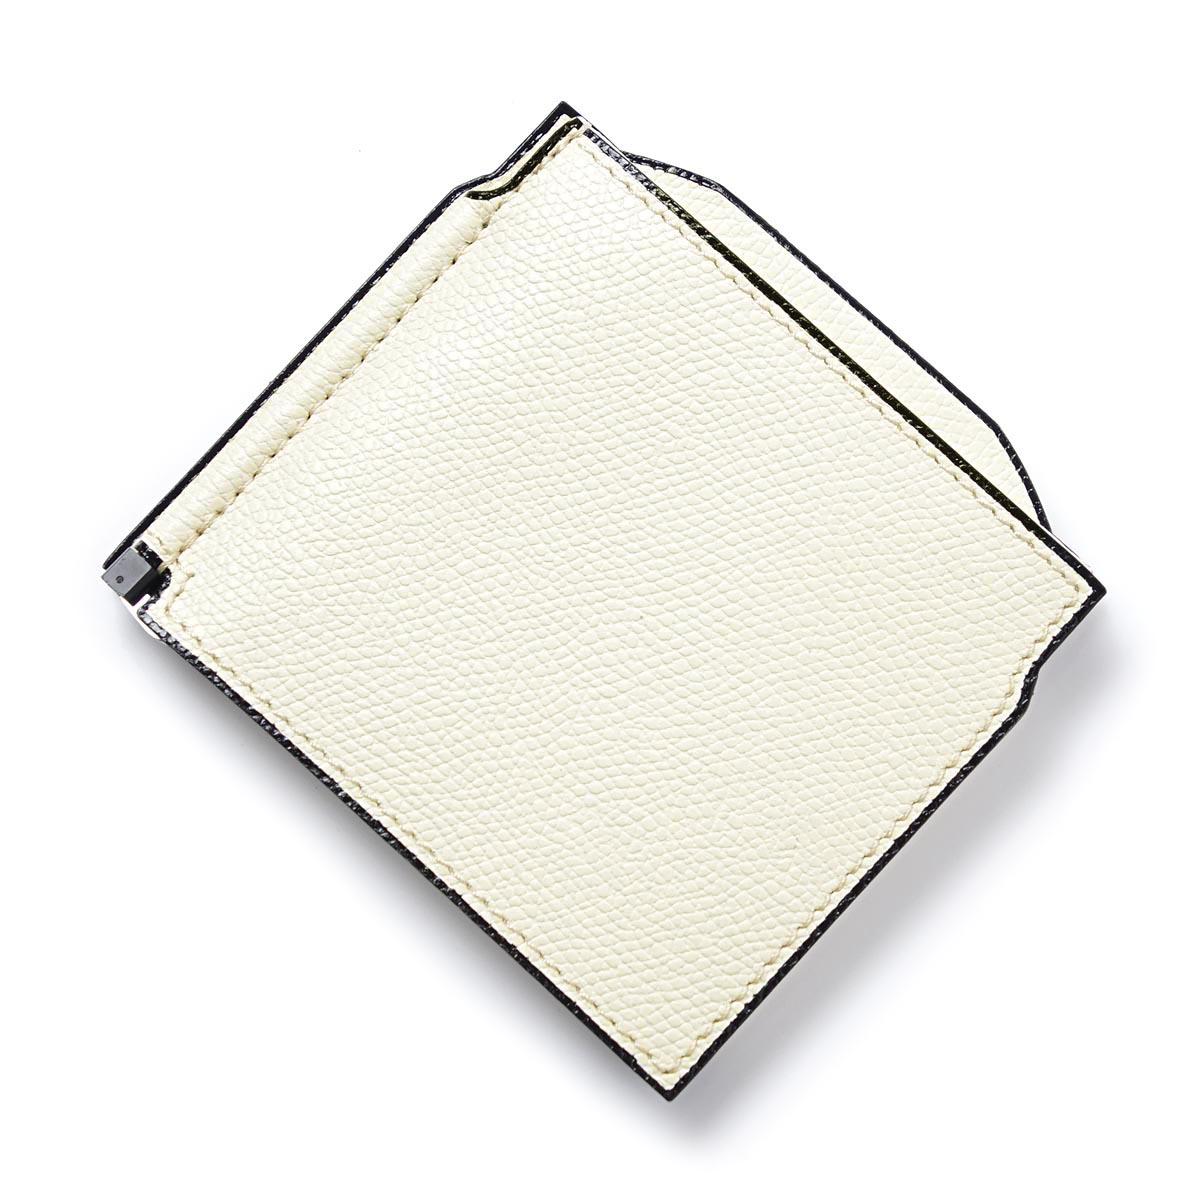 ヴァレクストラ Valextra マネークリップ 財布 ホワイト メンズ レディース ウォレット カードケース ギフト プレゼント v0l54 28 w LEATHER【あす楽対応_関東】【ラッピング無料】【返品送料無料】【180614】